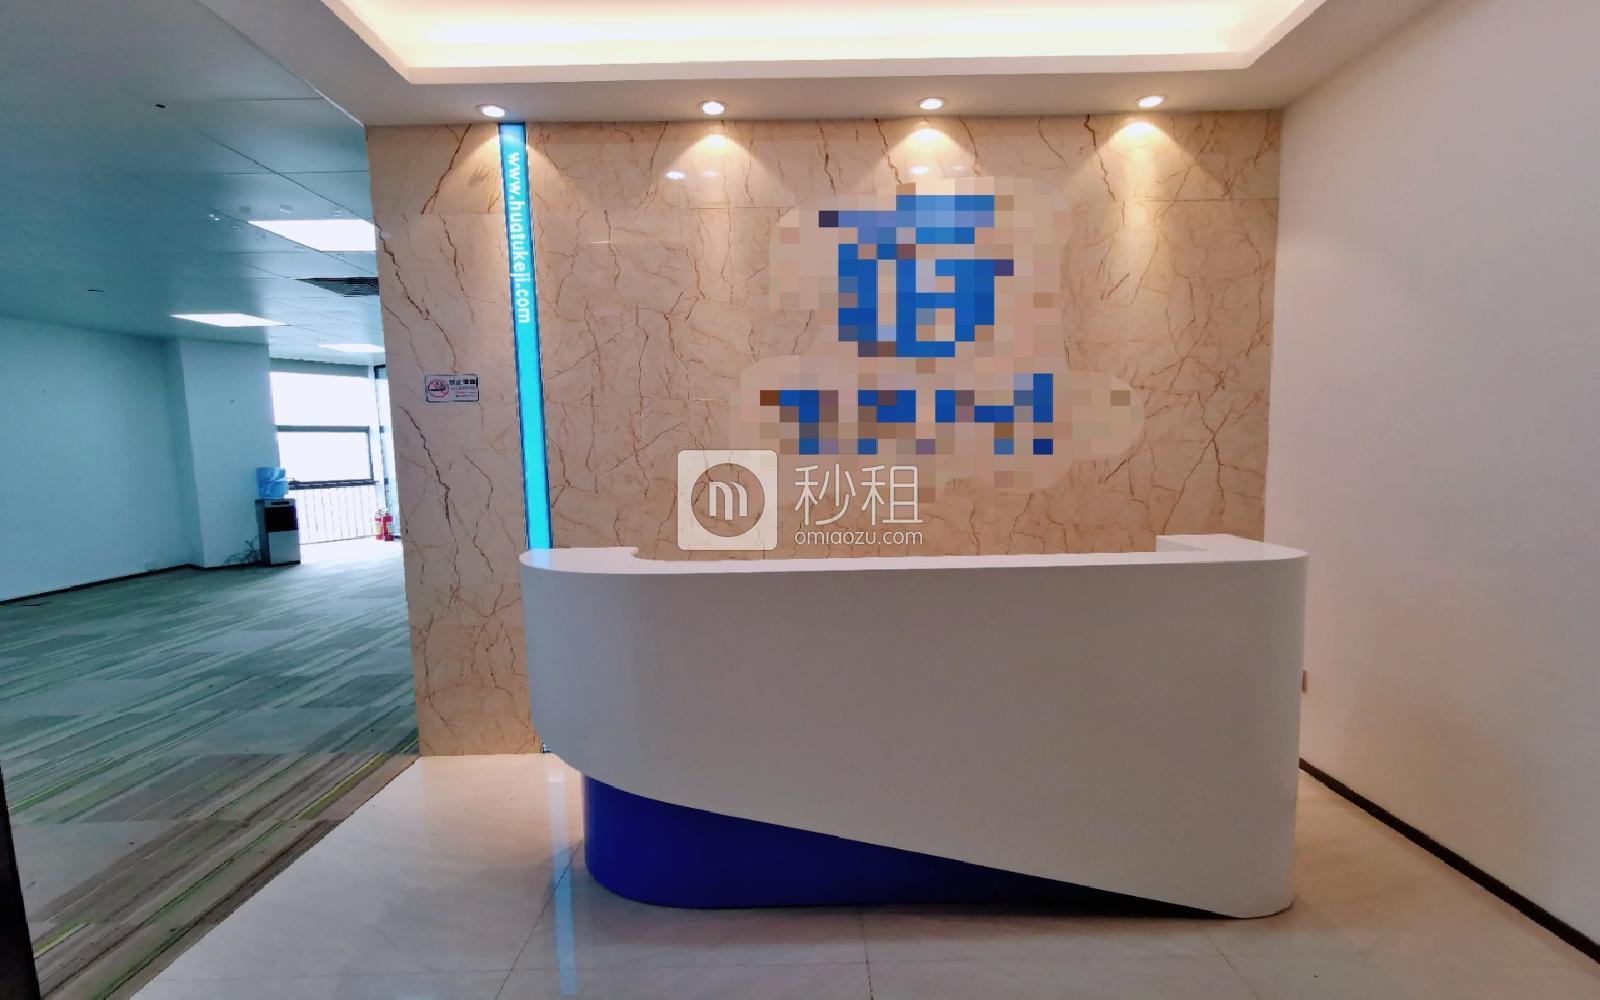 龙岗-龙岗中心城 花样年龙年广场 216m²